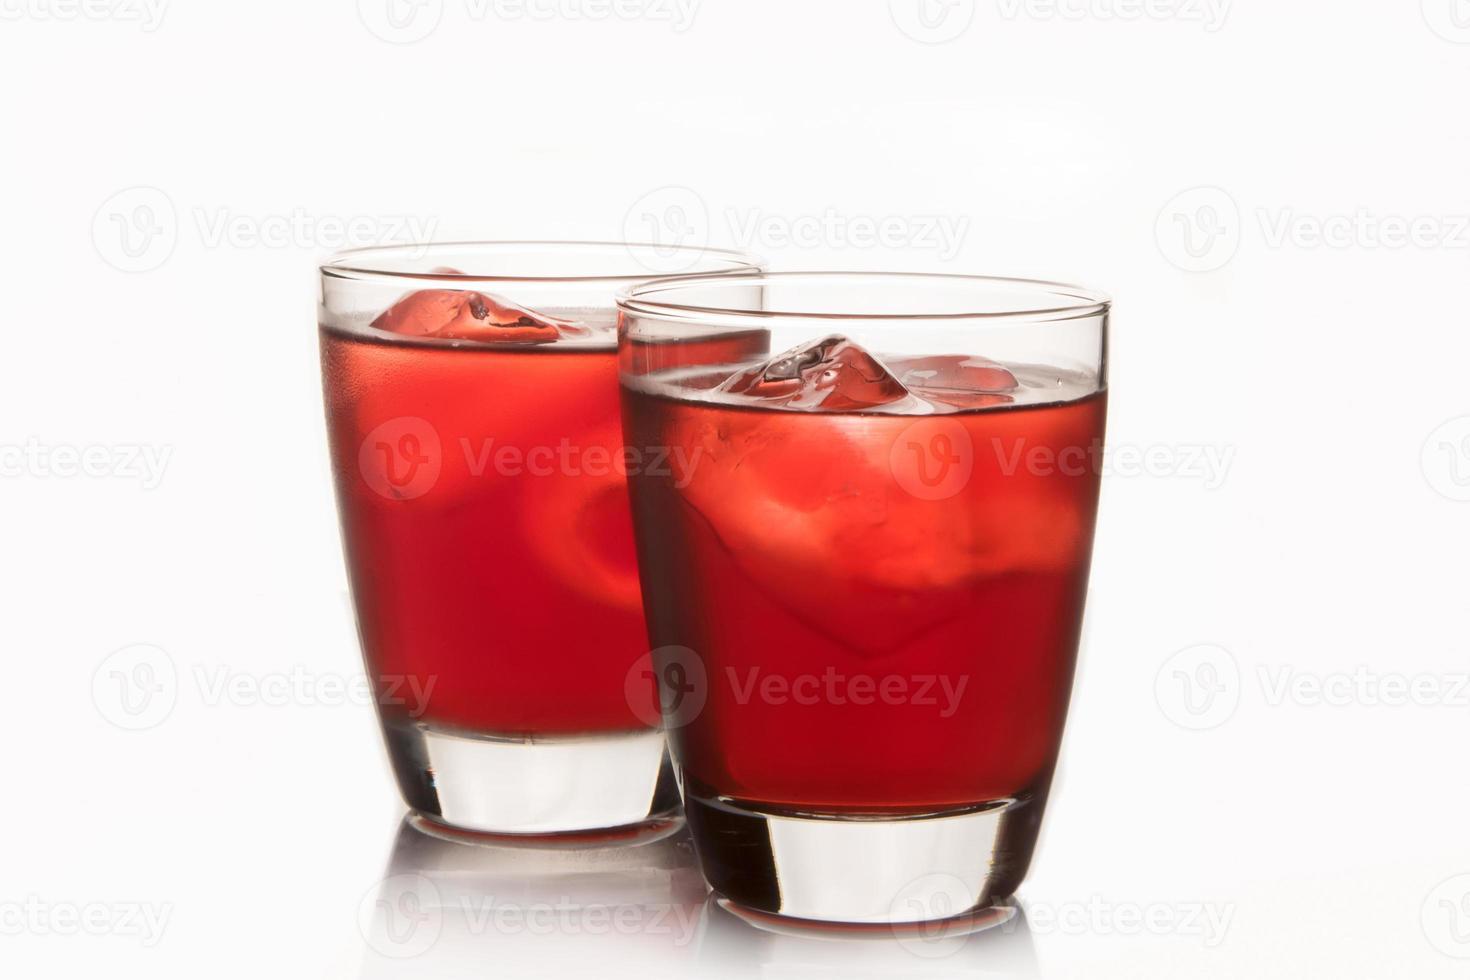 roselle juice, thailändsk växtbaserad läsk för god hälsa foto